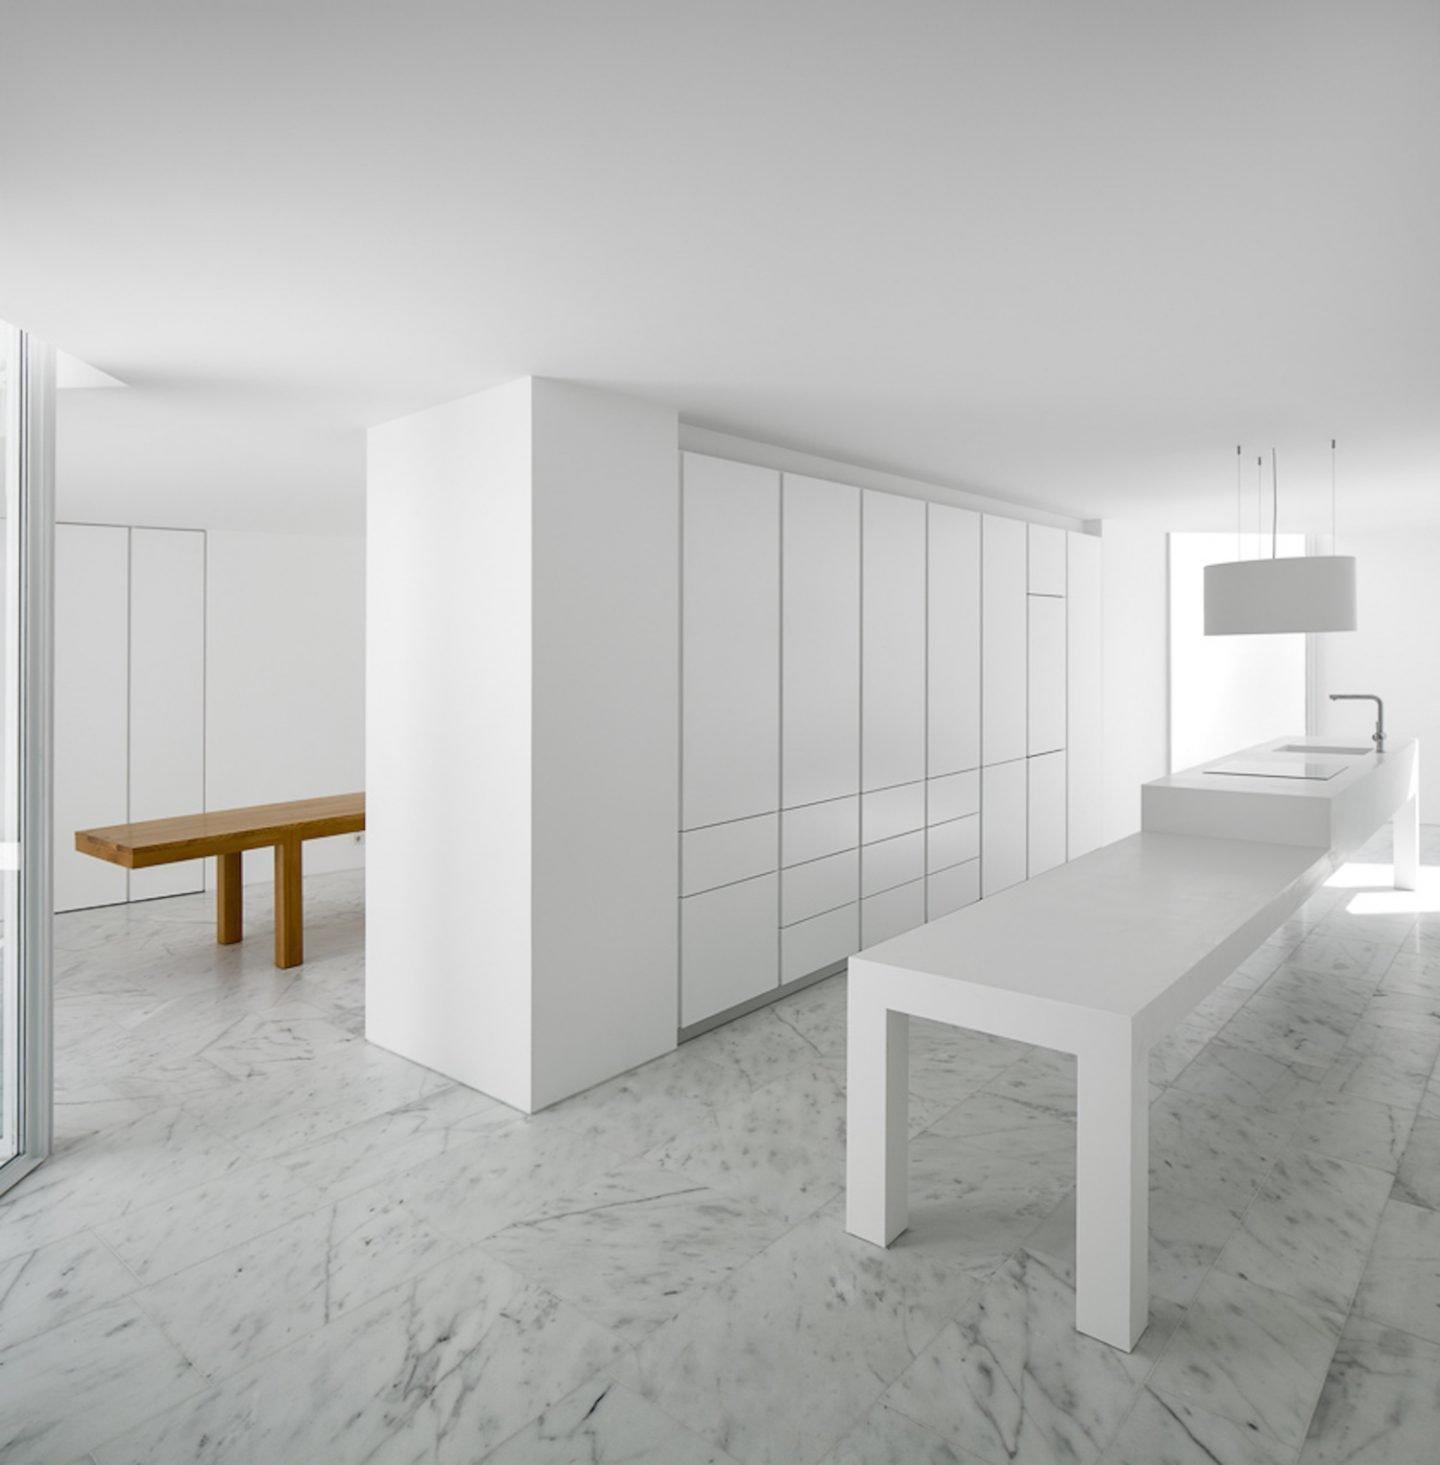 architecture_airesmateus_alcobaca_08